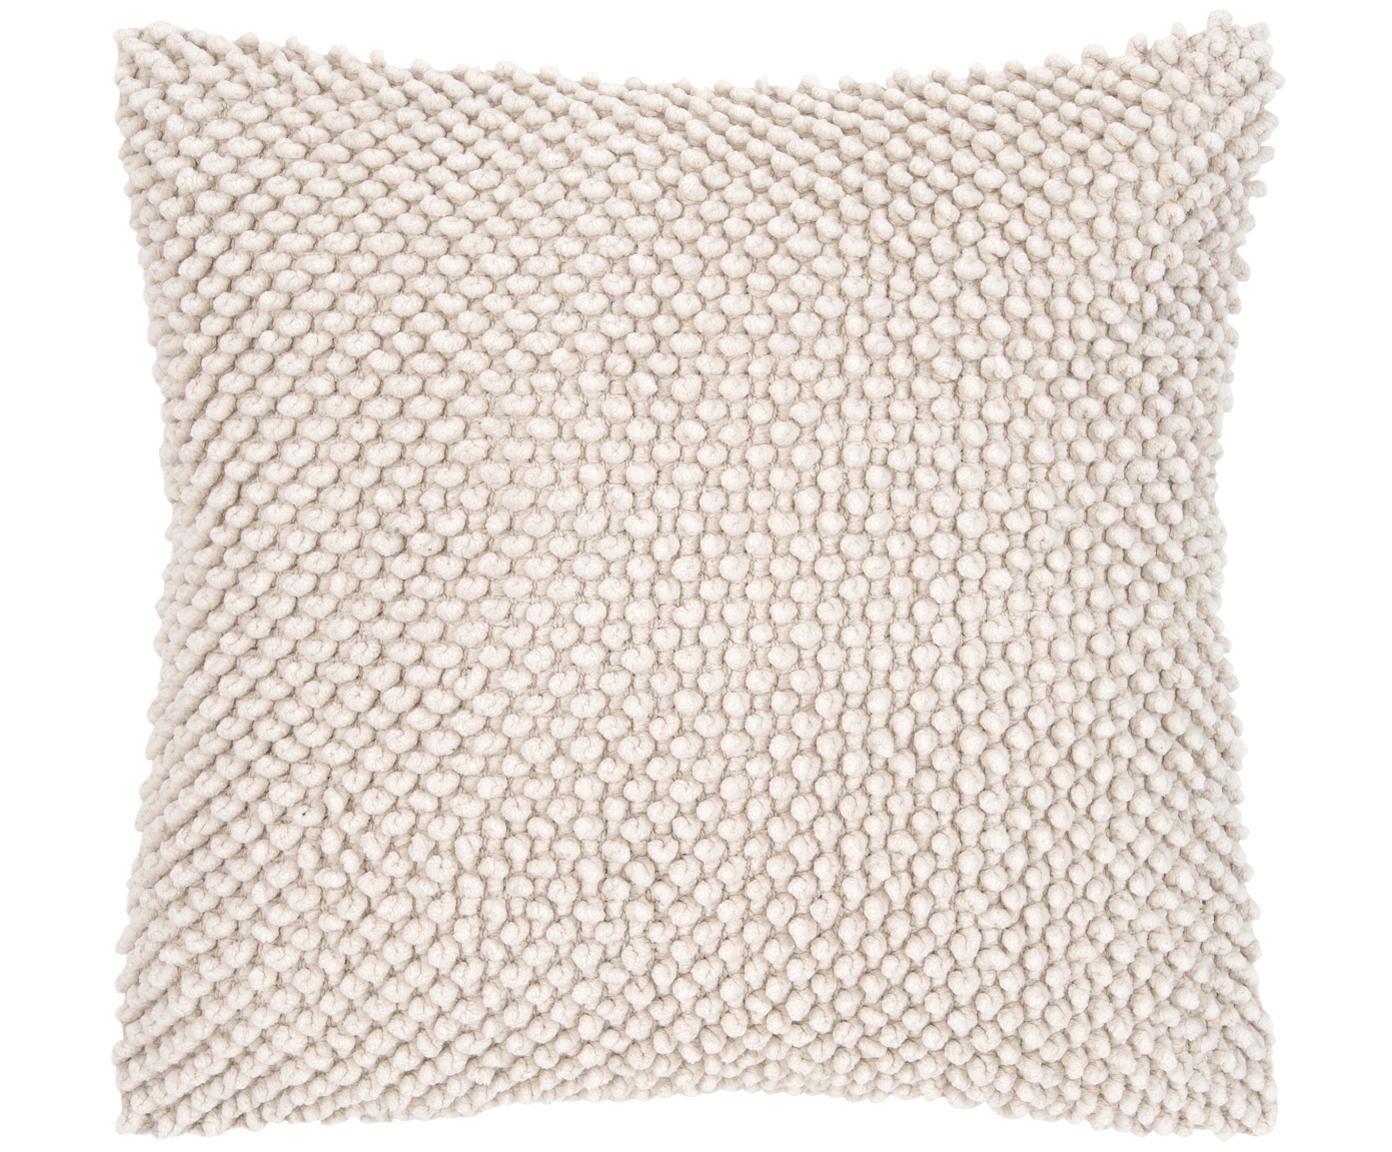 Kissenhülle Indi mit strukturierter Oberfläche, 100% Baumwolle, Gebrochenes Weiß, 45 x 45 cm